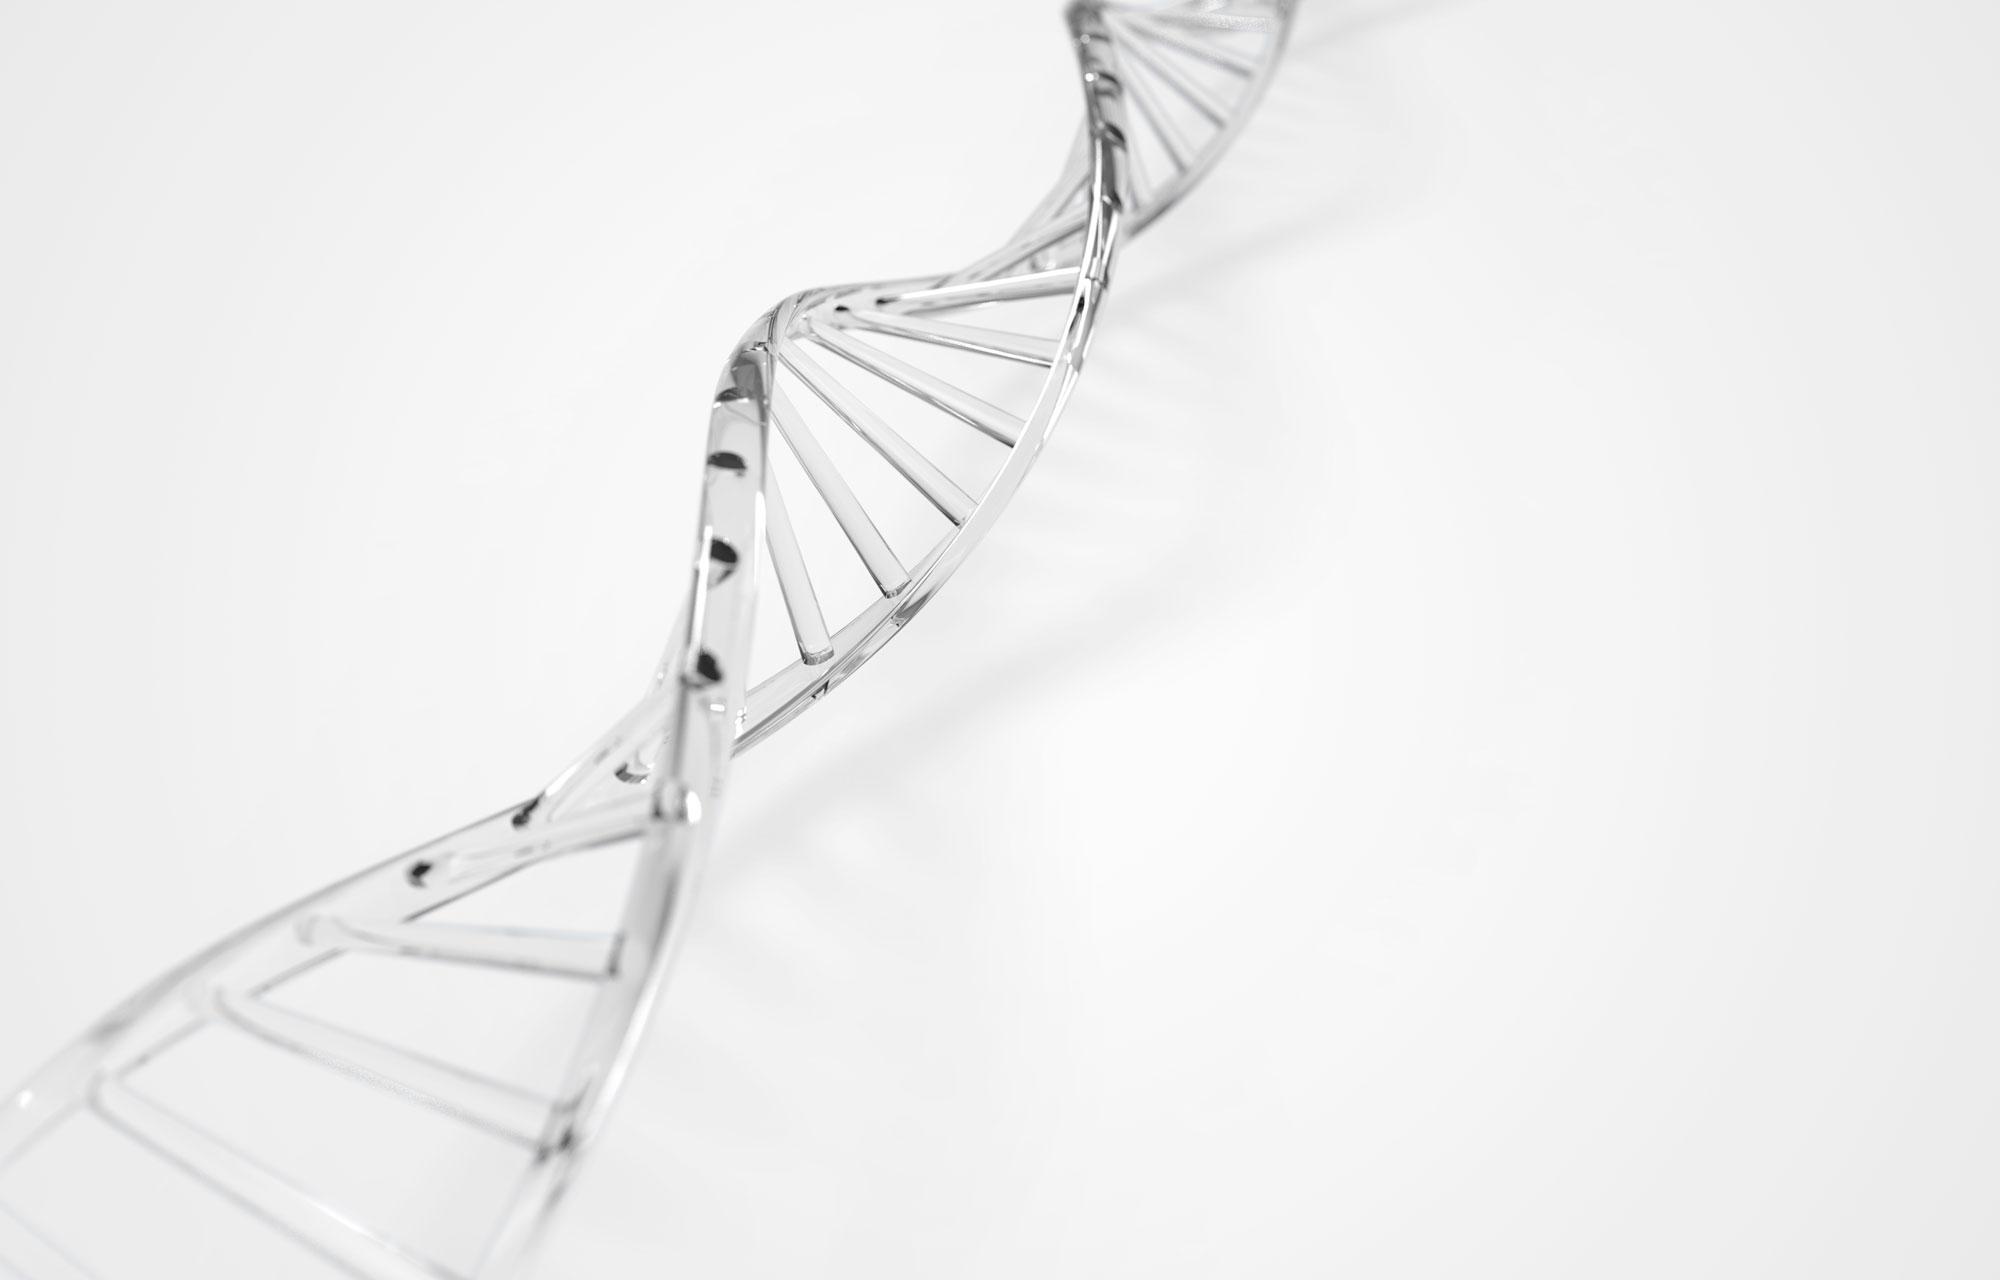 AGTC, investigaciones genéticas